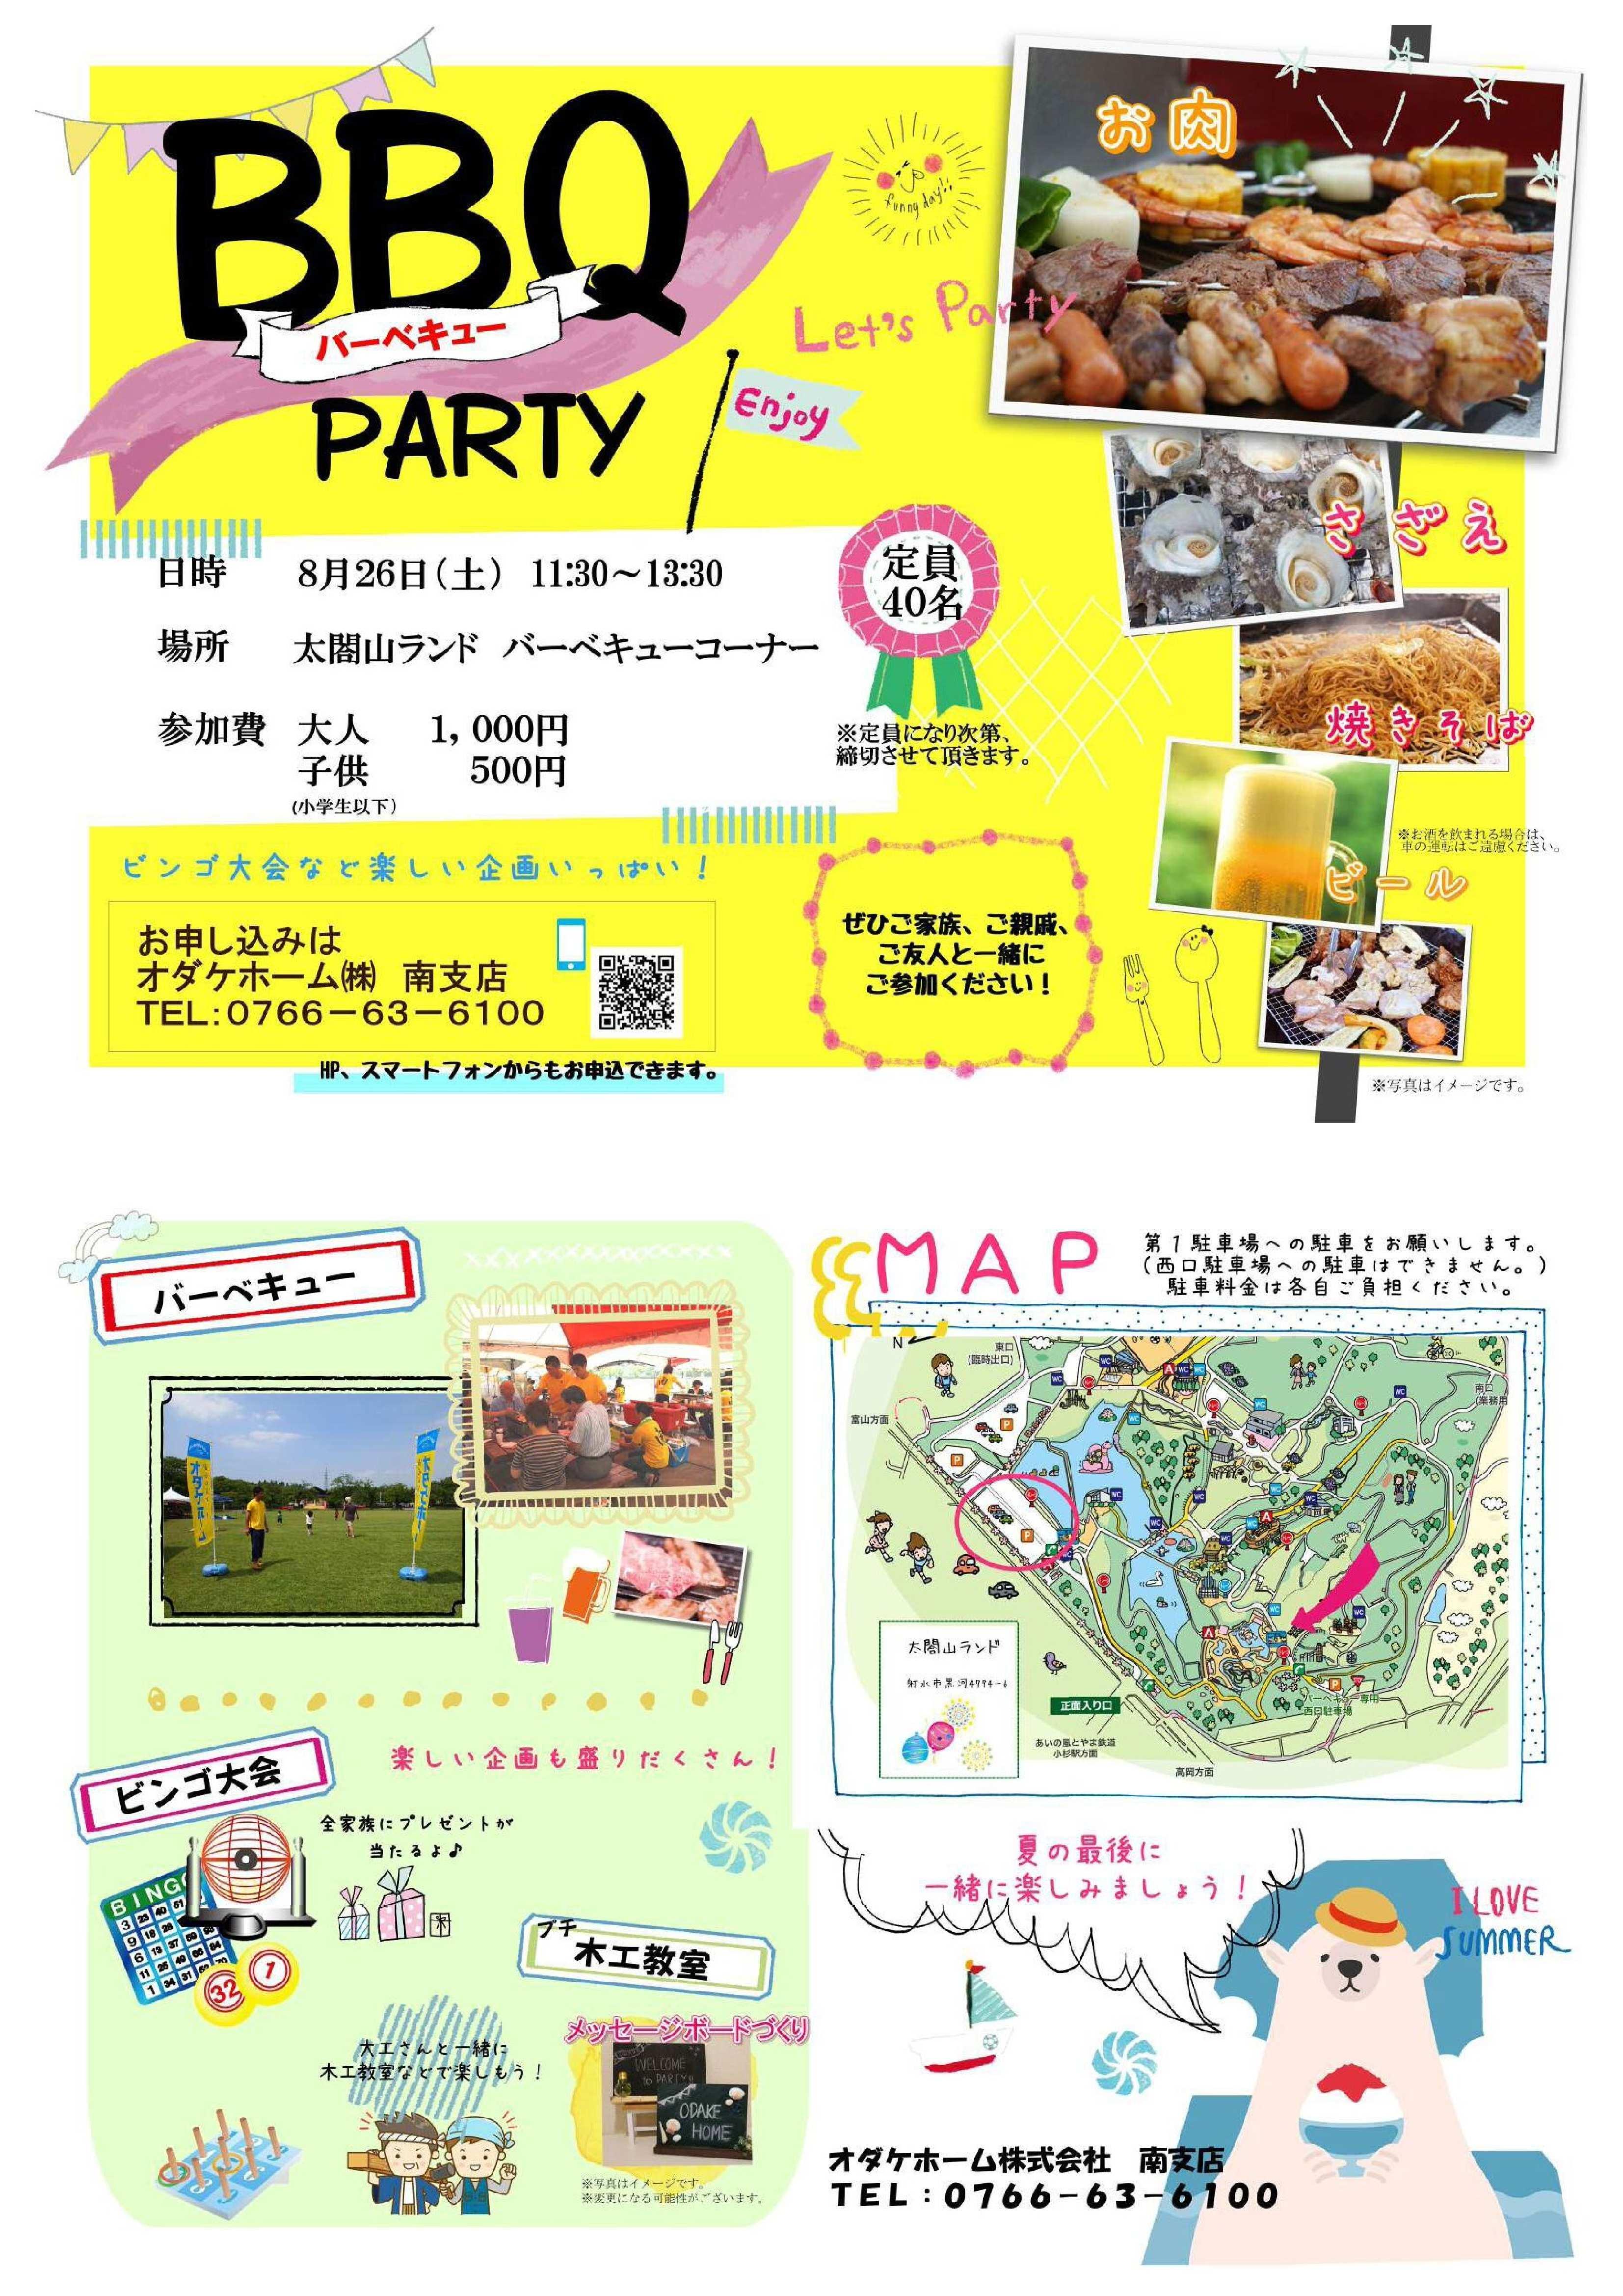 8/26(土)南支店BBQパーティーin太閤山ランド